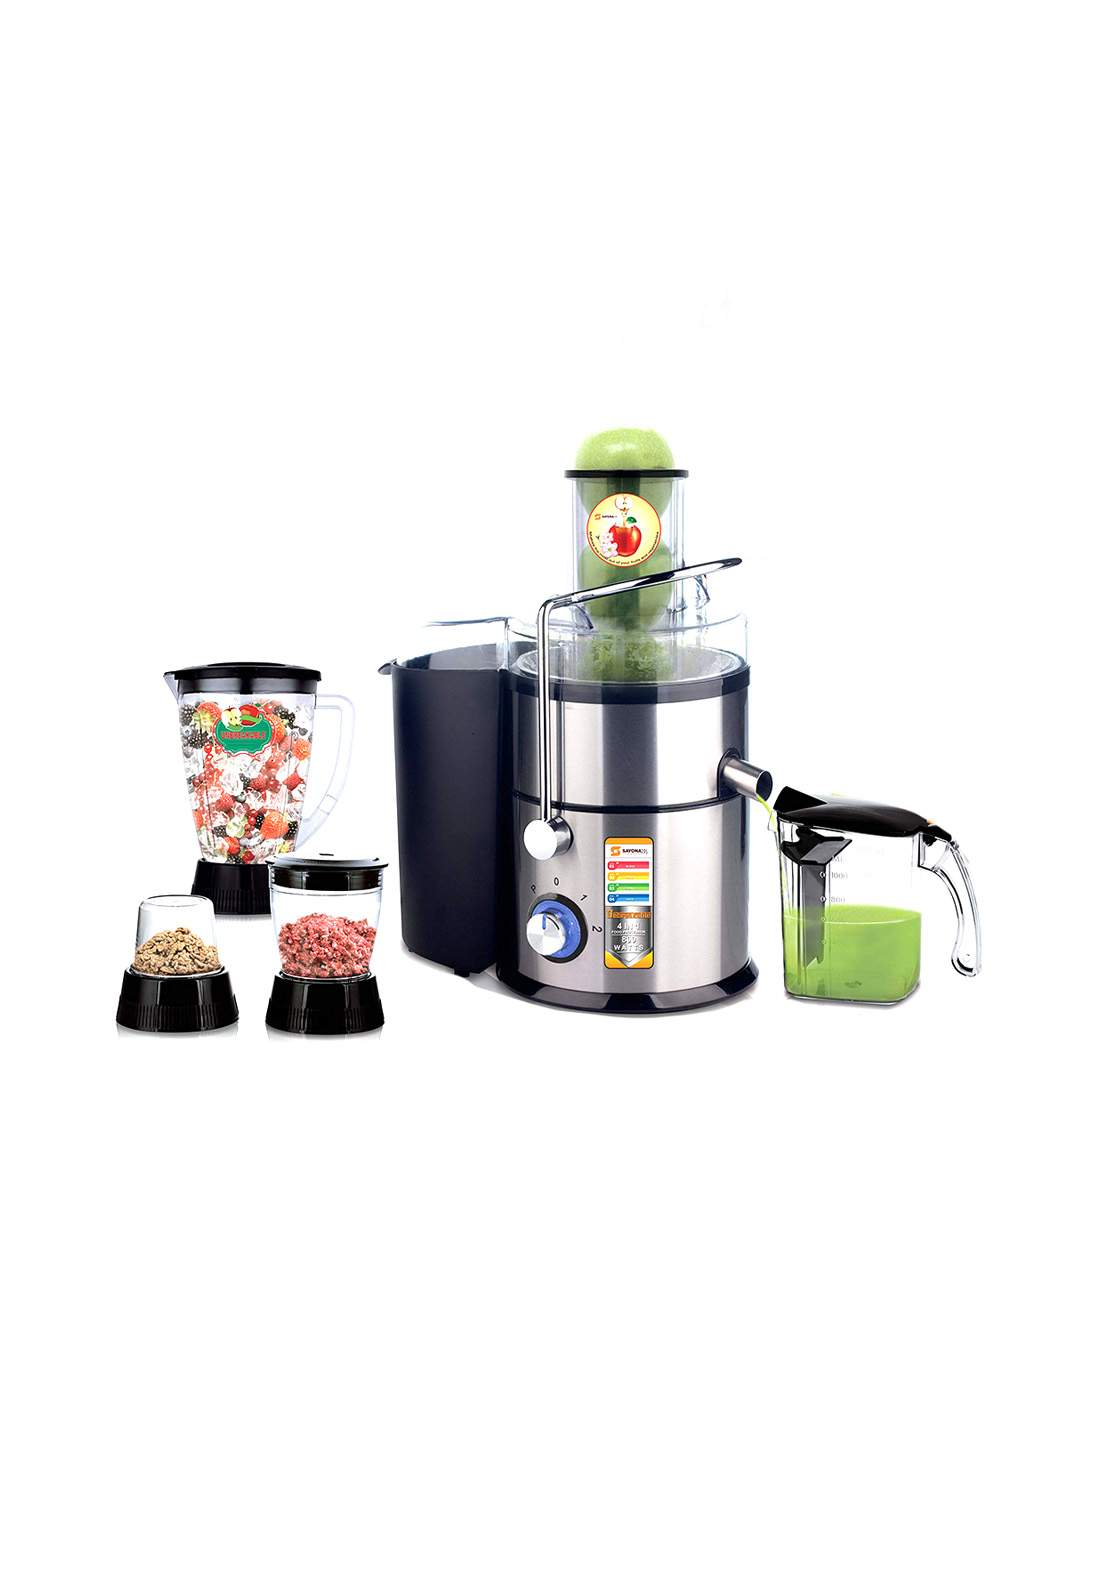 Sayona 4245 Blender & Fruit juicer 800 Watt خلاط و عصارة فواكه